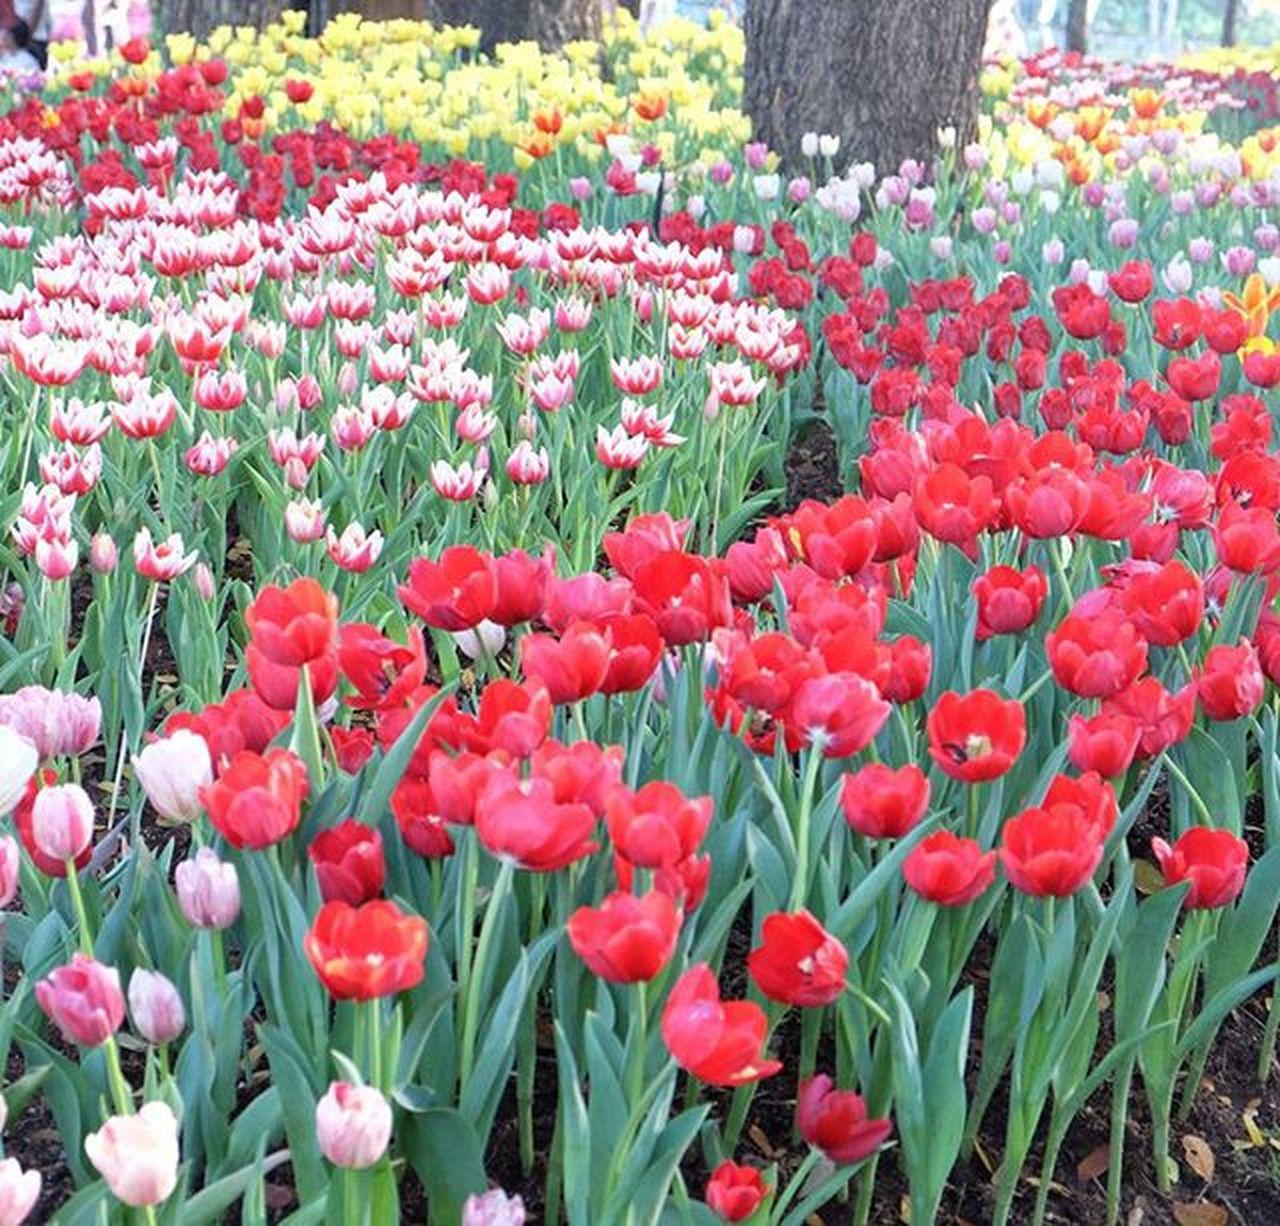 อยากไปอีก สวยๆ หอมๆ เชียงรายดอกไม้งามครั้งที่12 Tulips Colorful Colorful Tulips